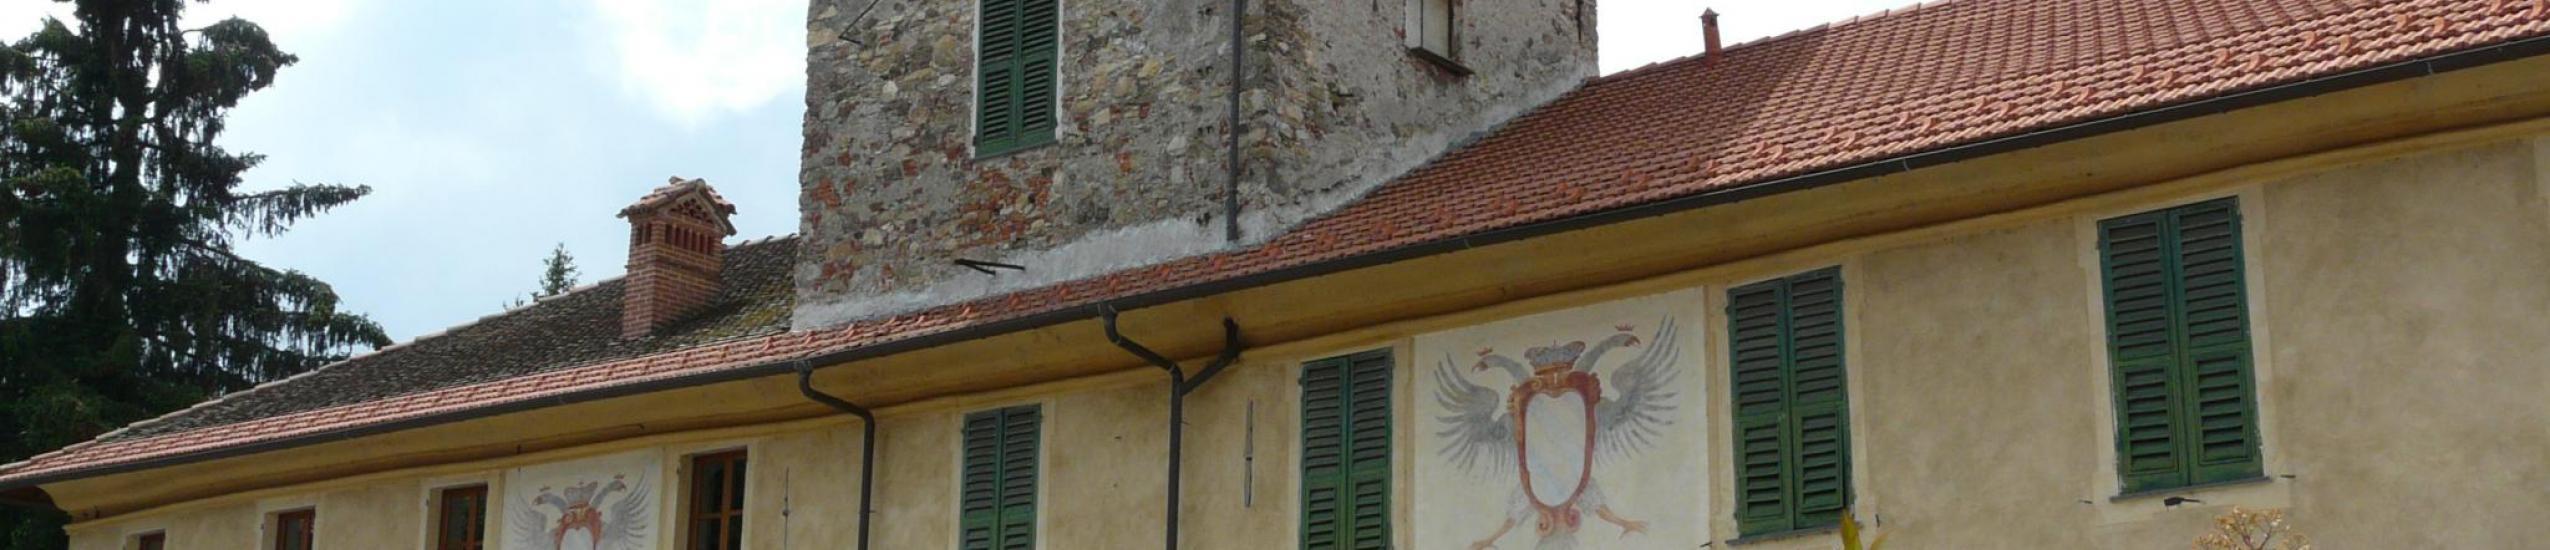 piazza xxv aprile con palazzo fieschi, palazzetto e casa del macello